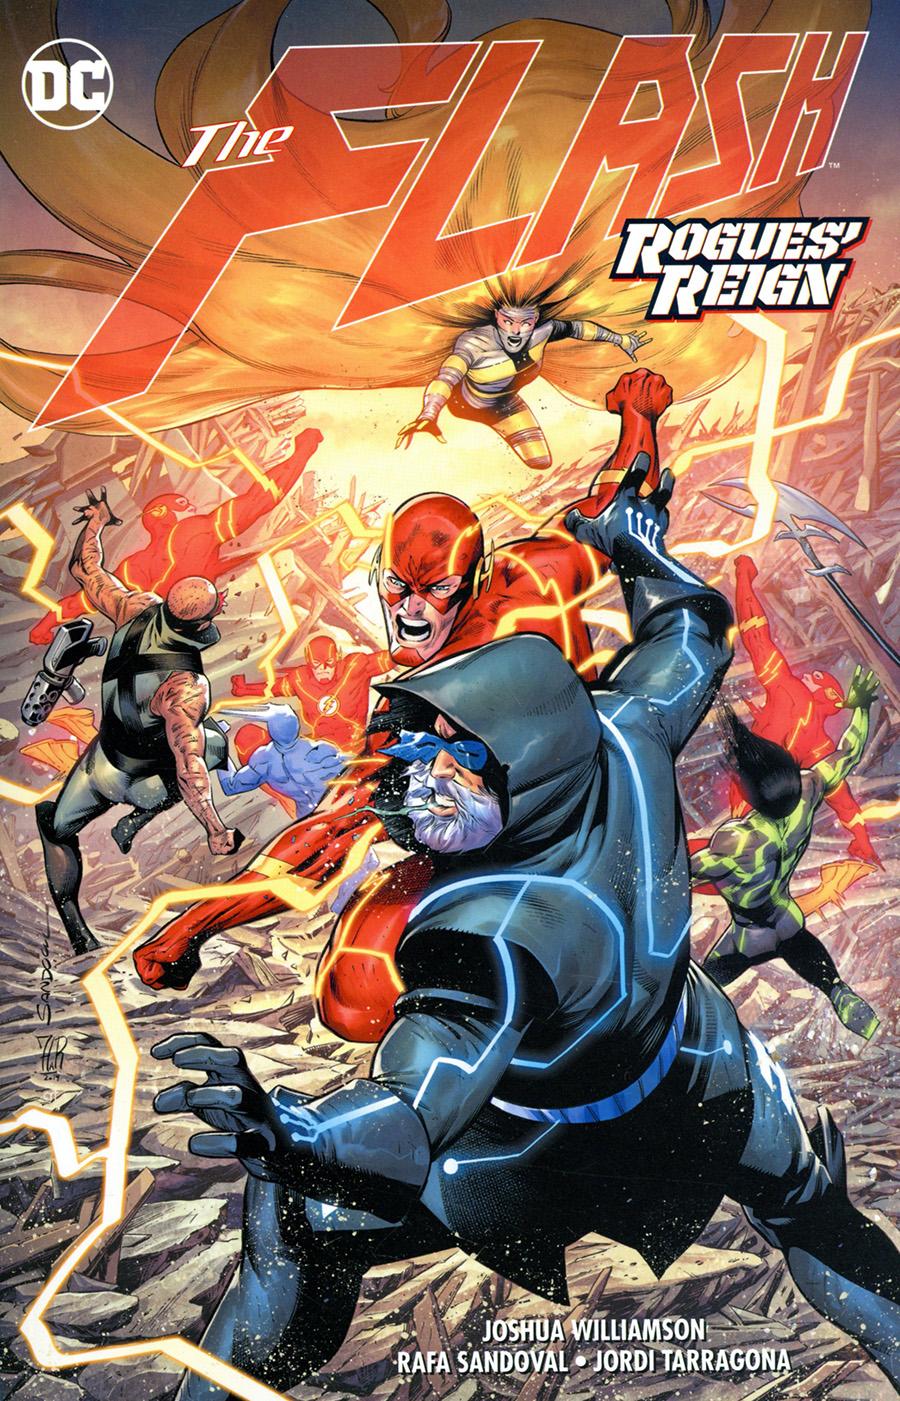 Flash (Rebirth) Vol 13 Rogues Reign TP